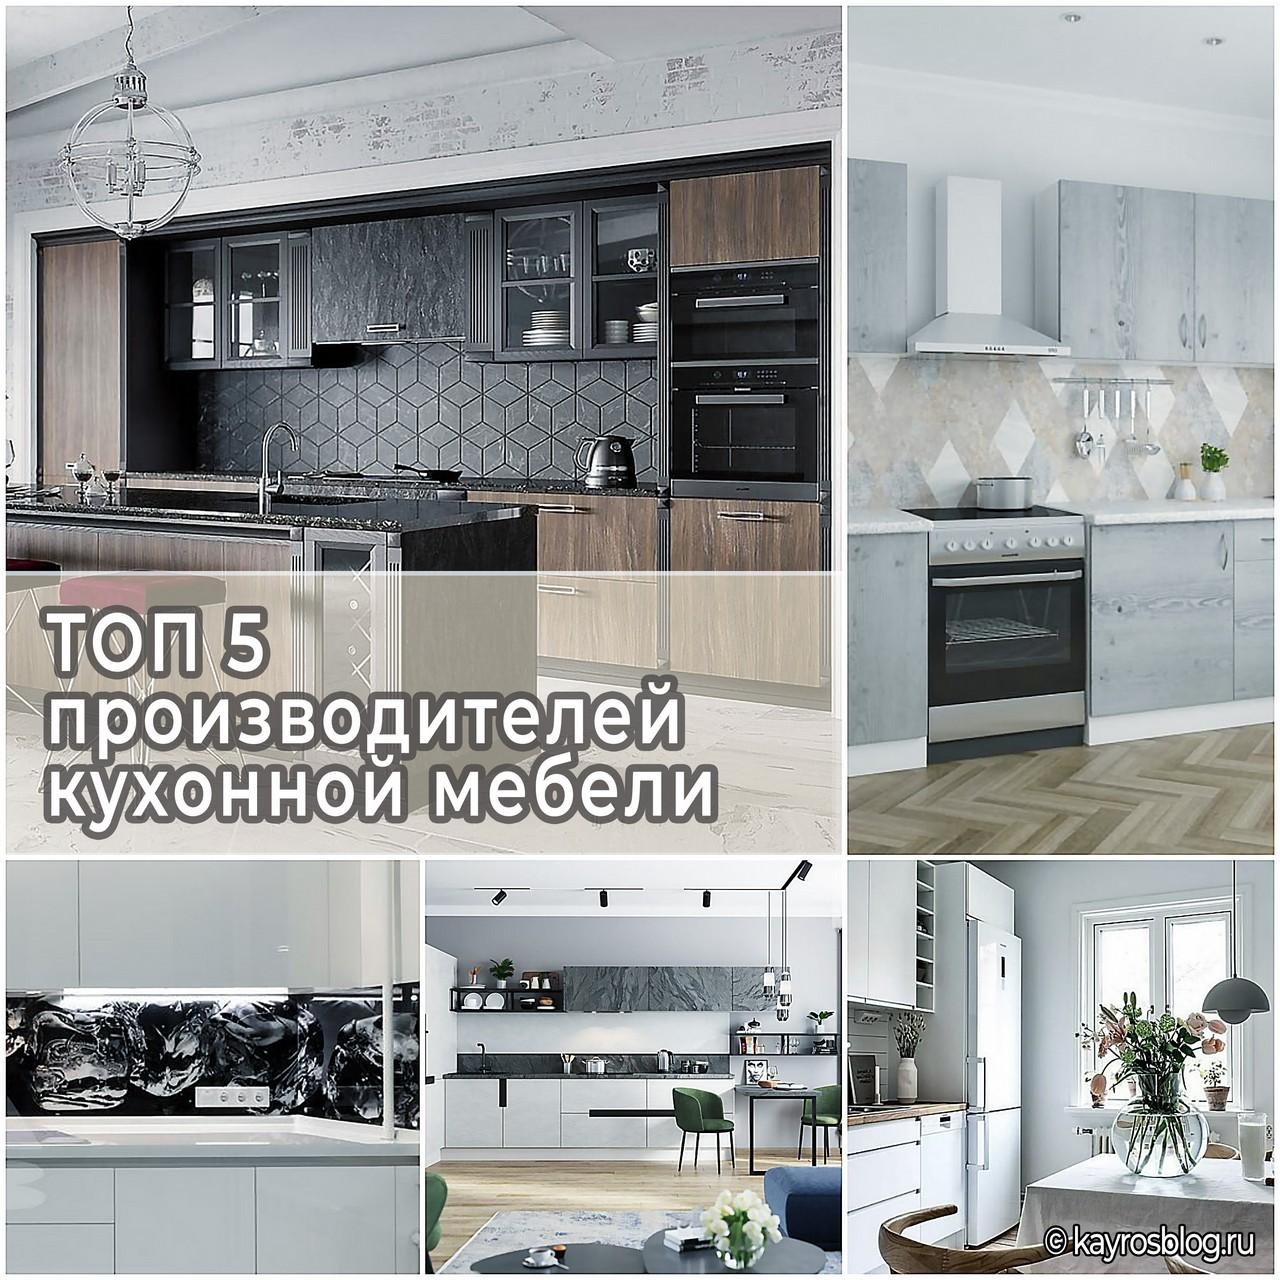 ТОП 5 производителей кухонной мебели